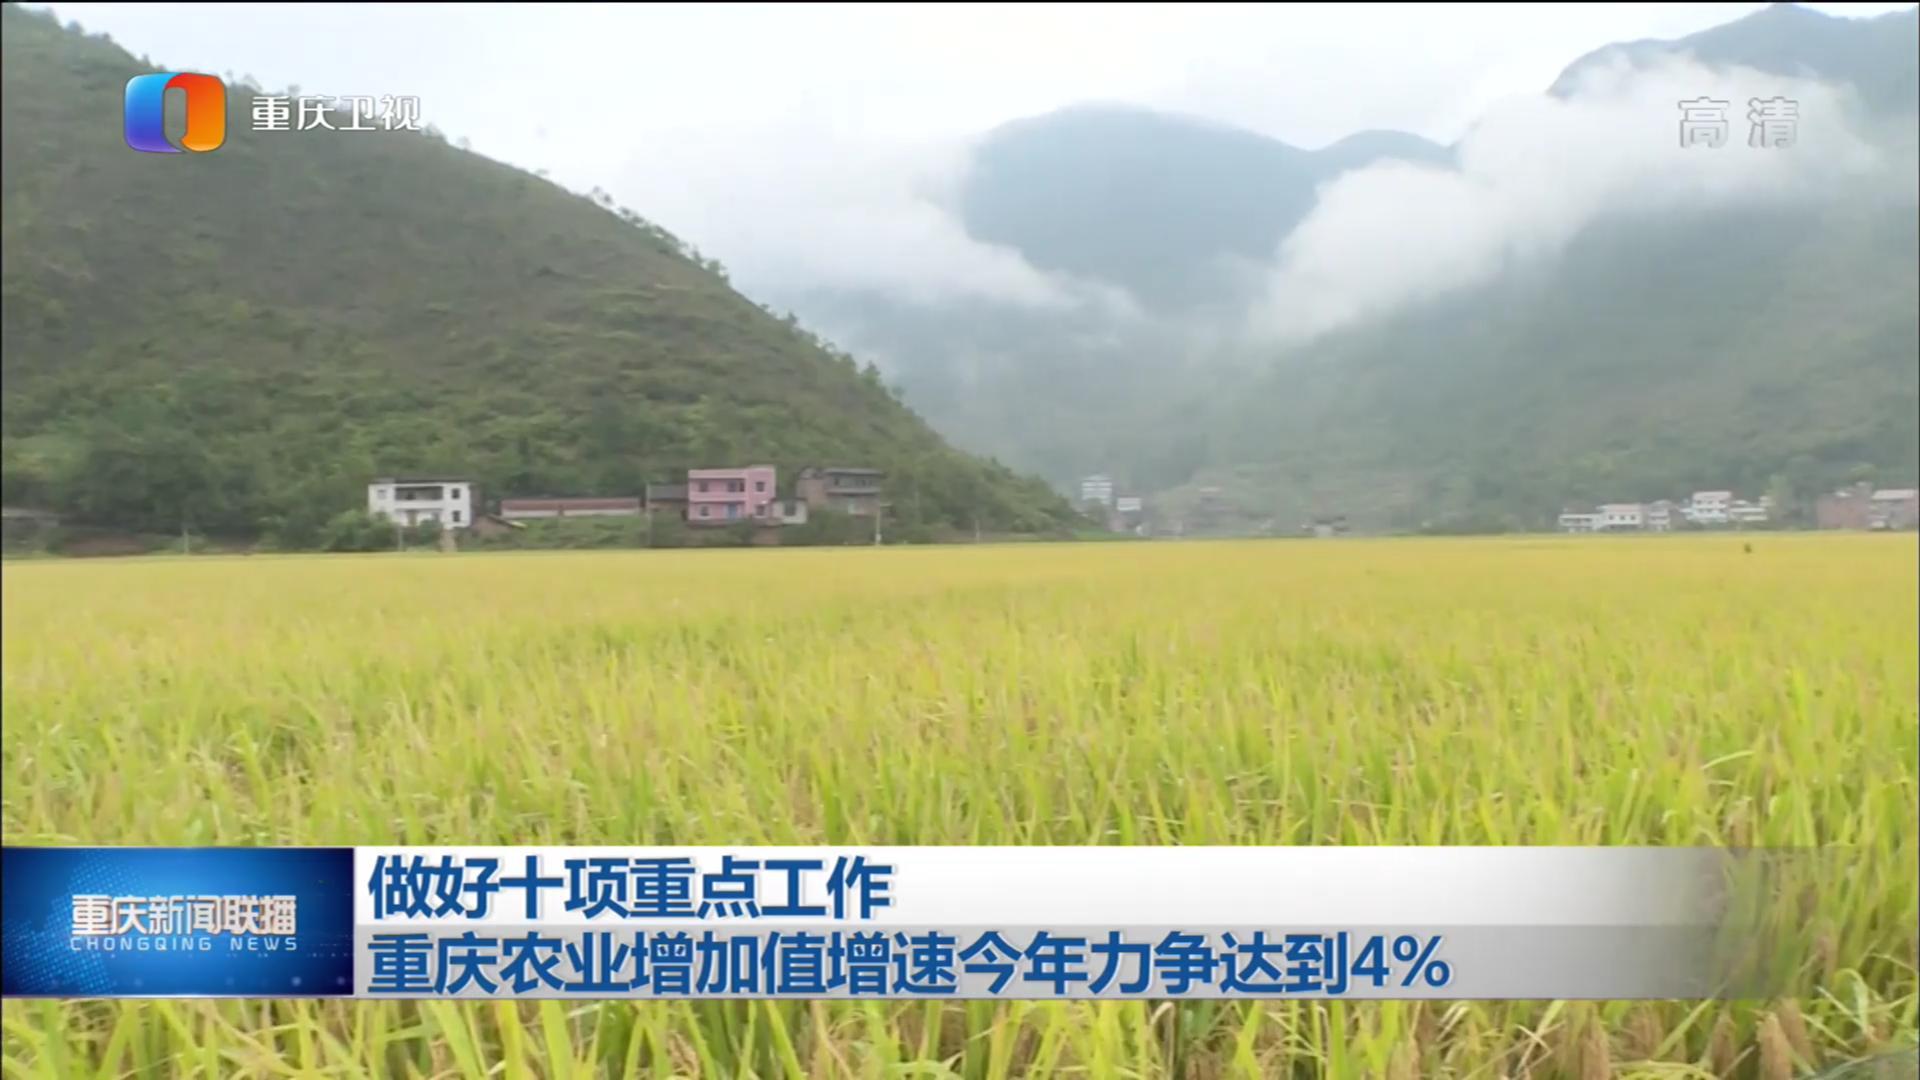 做好十项重点工作 重庆农业增加值增速今年力争达到4%